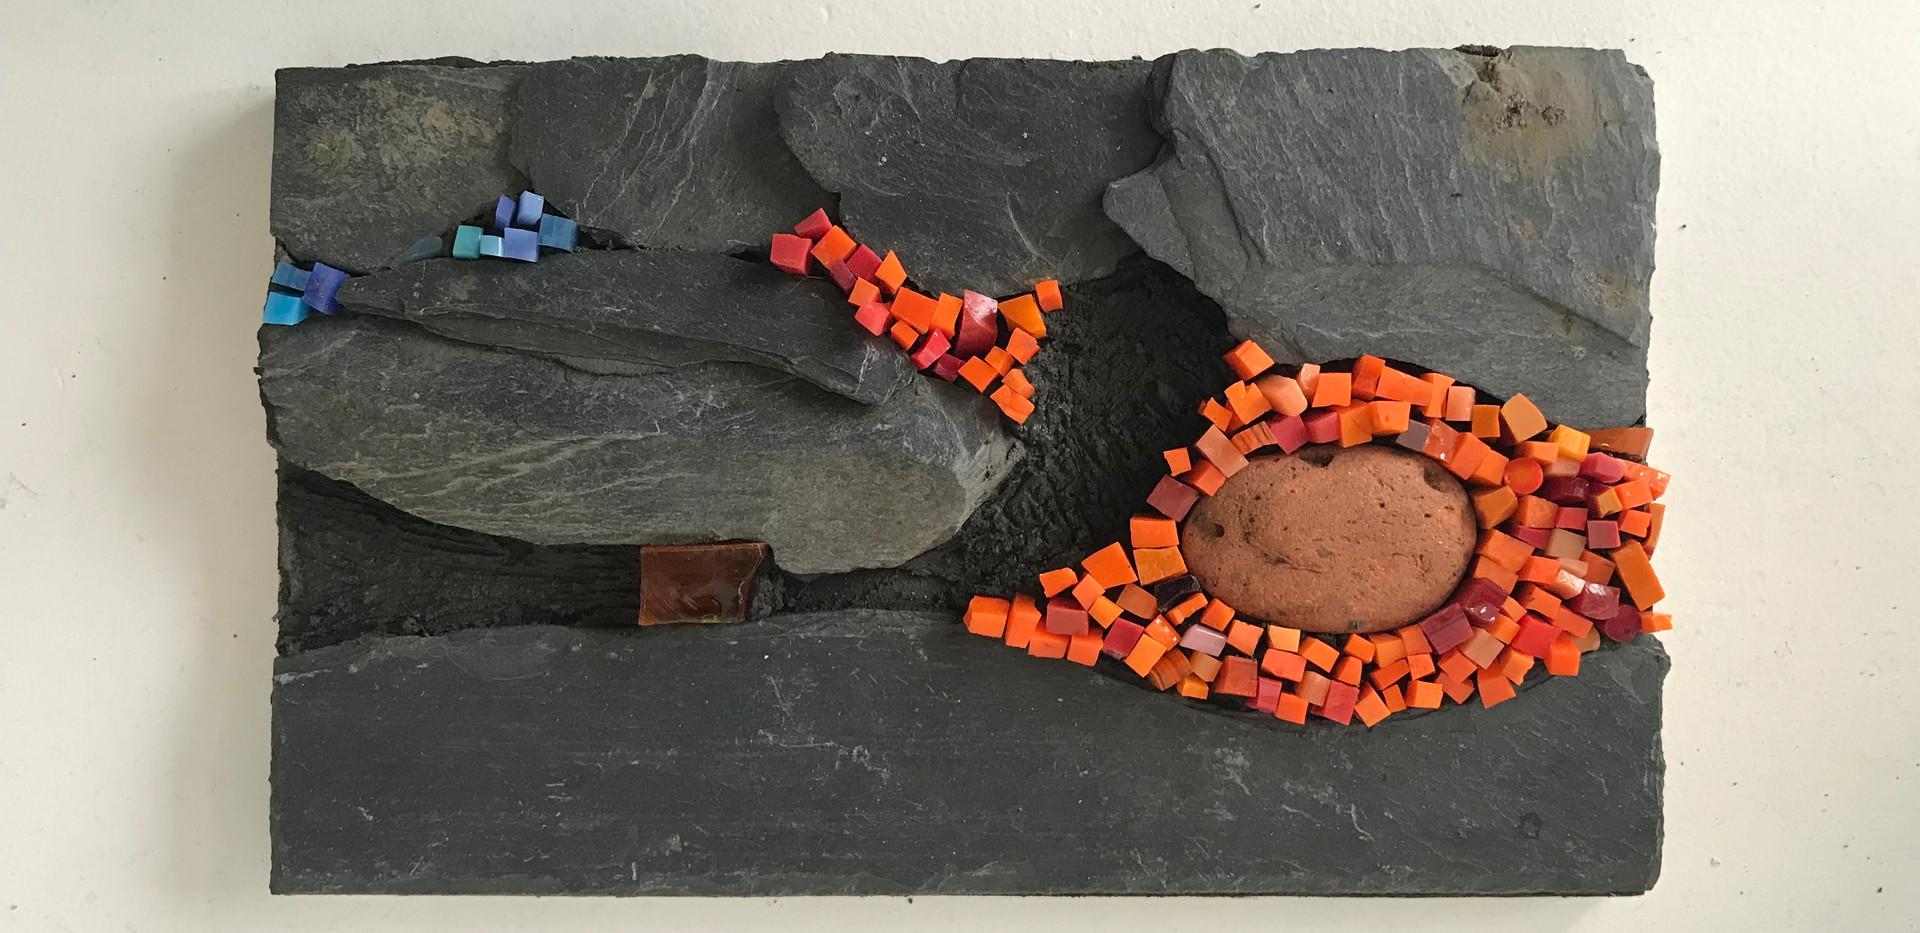 Création murale en ardoise, galet, pâte de verre et mortier